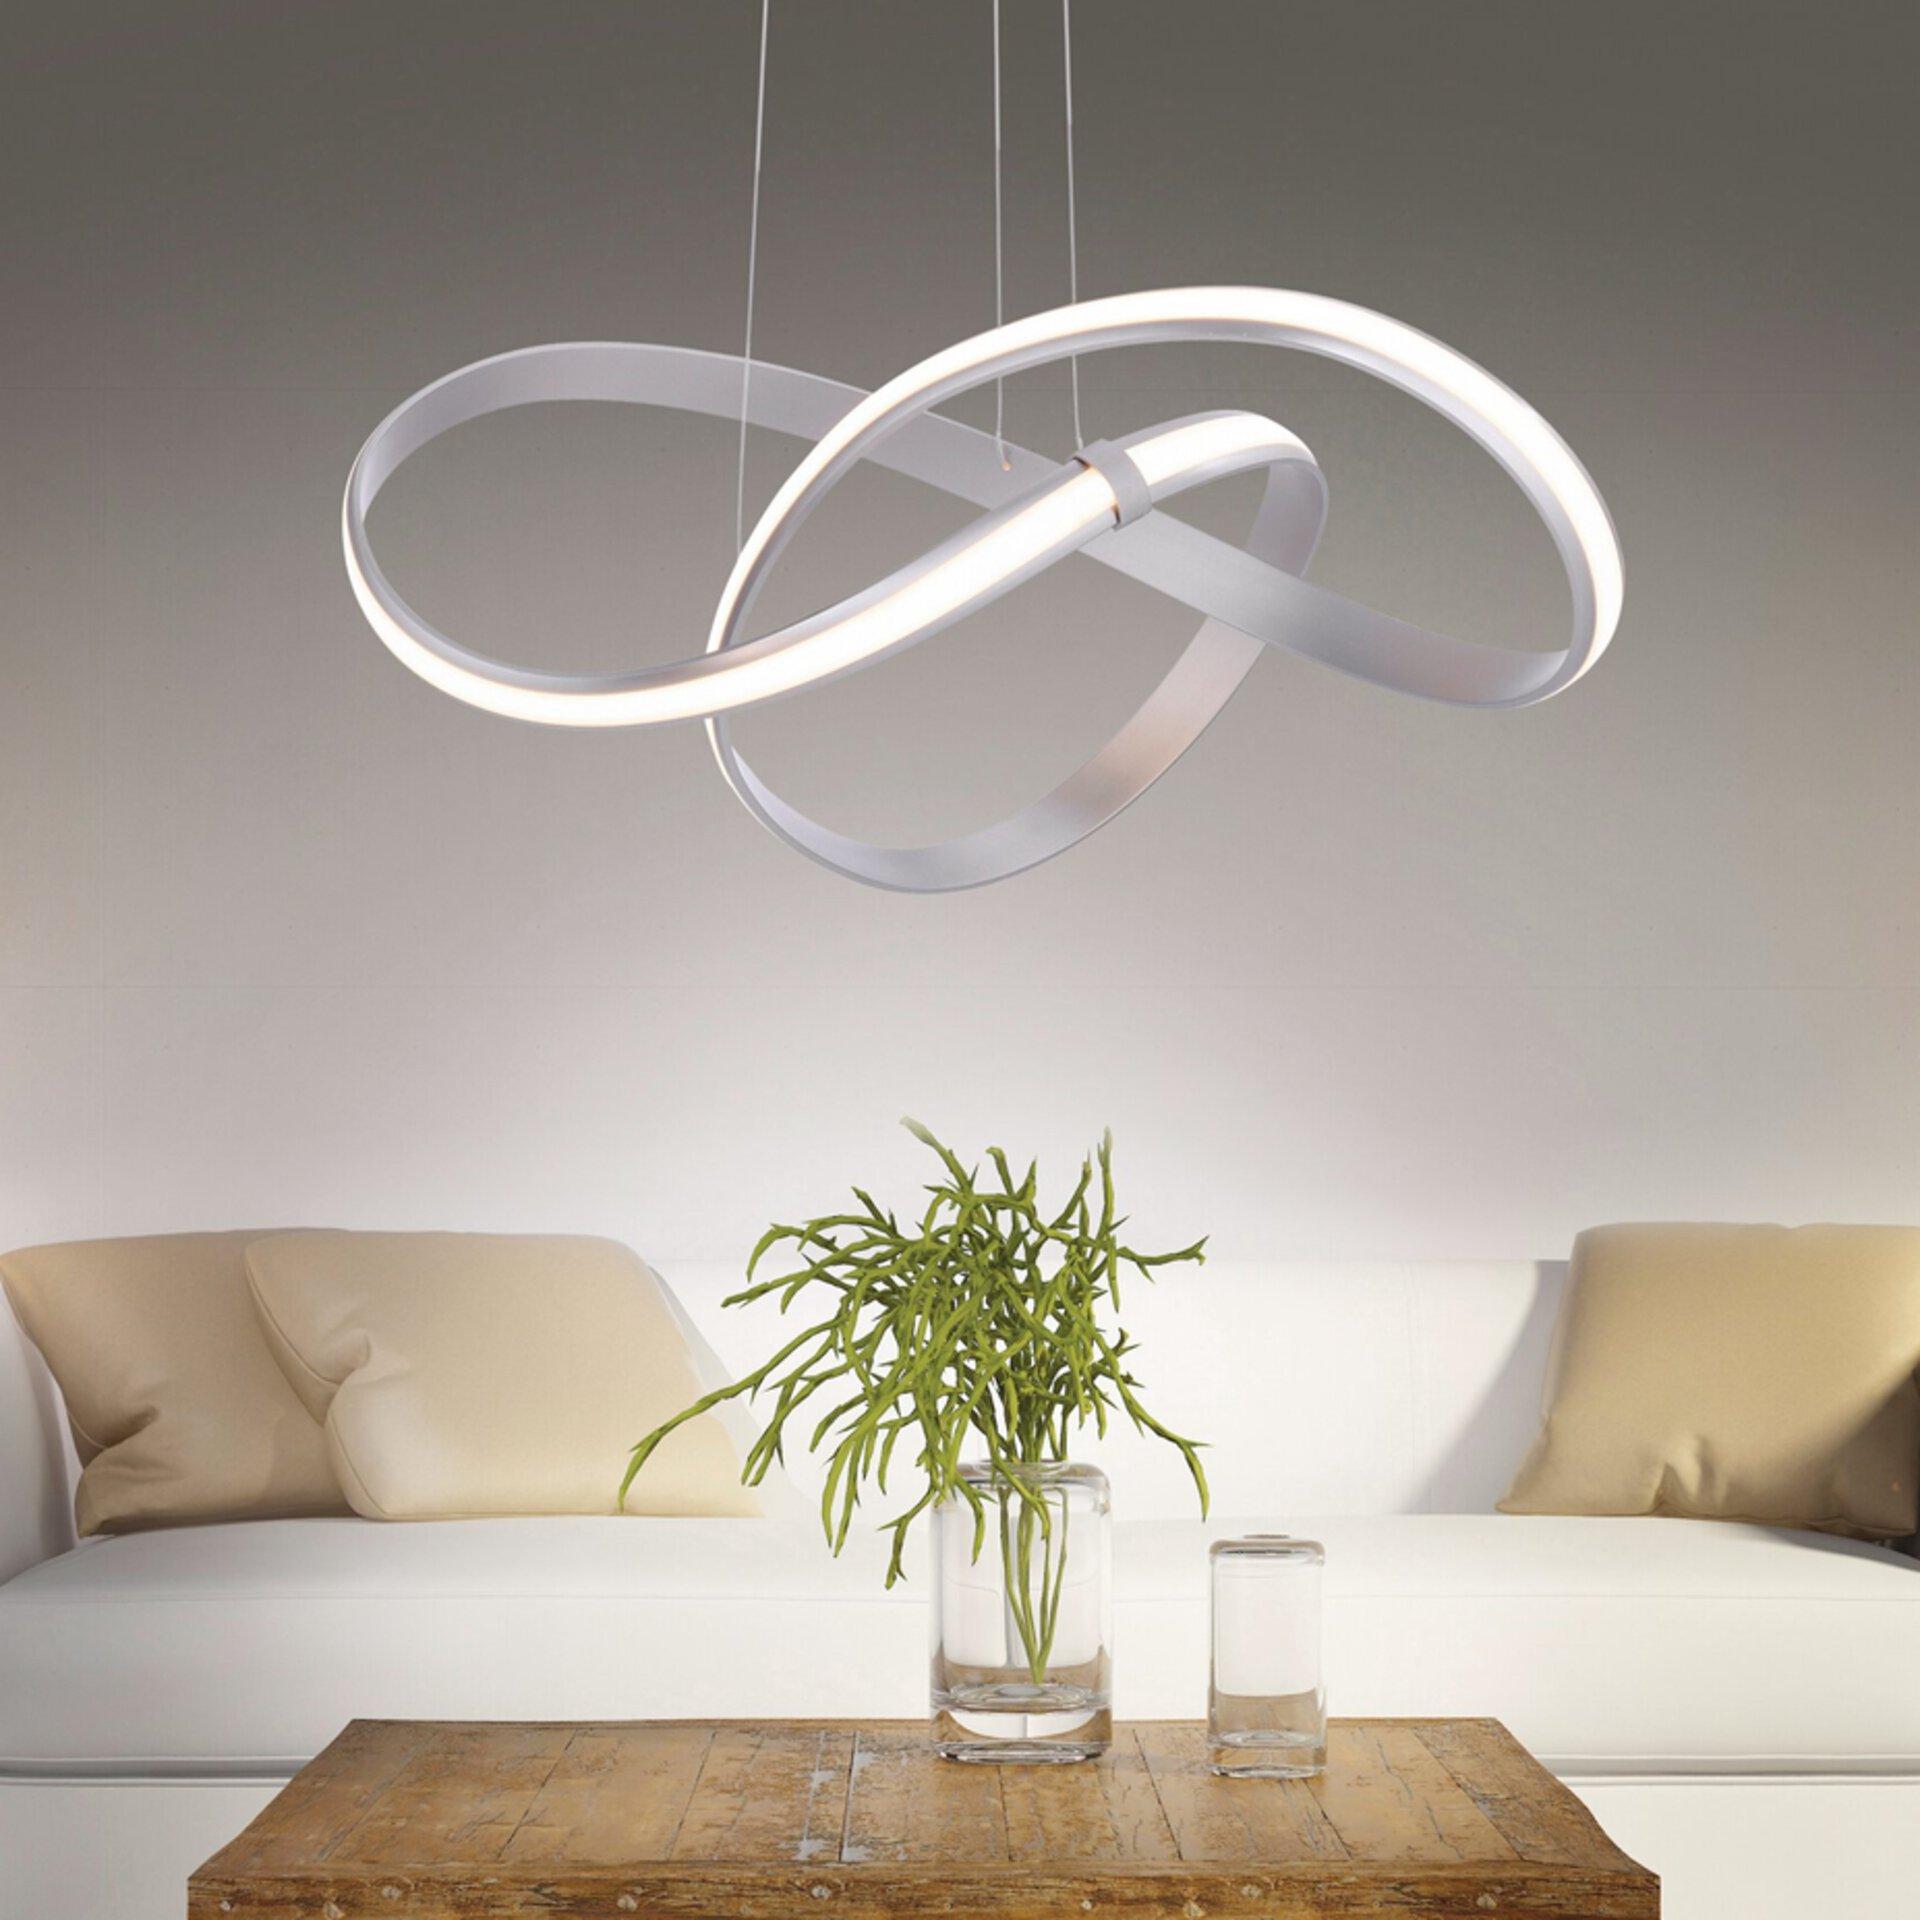 Moderne LED-Lampe in verschnörketem Design.